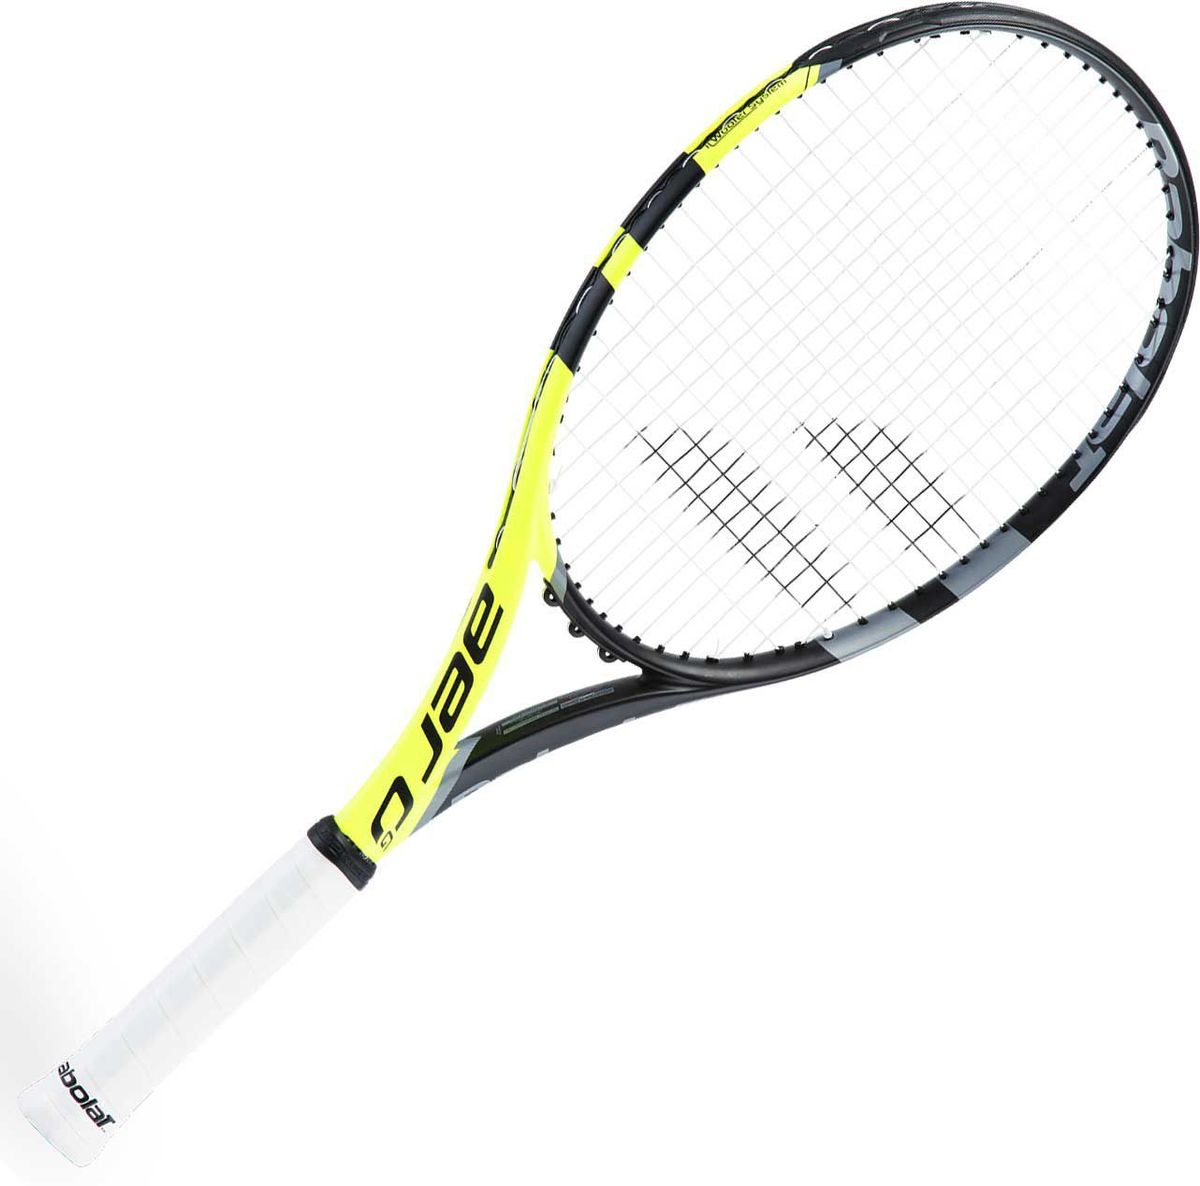 Теннисная ракетка BABOLAT AERO GAMER (Аэро Геймер), с натяжкой, цвет: черный, оранжевый, серый. Размер 3